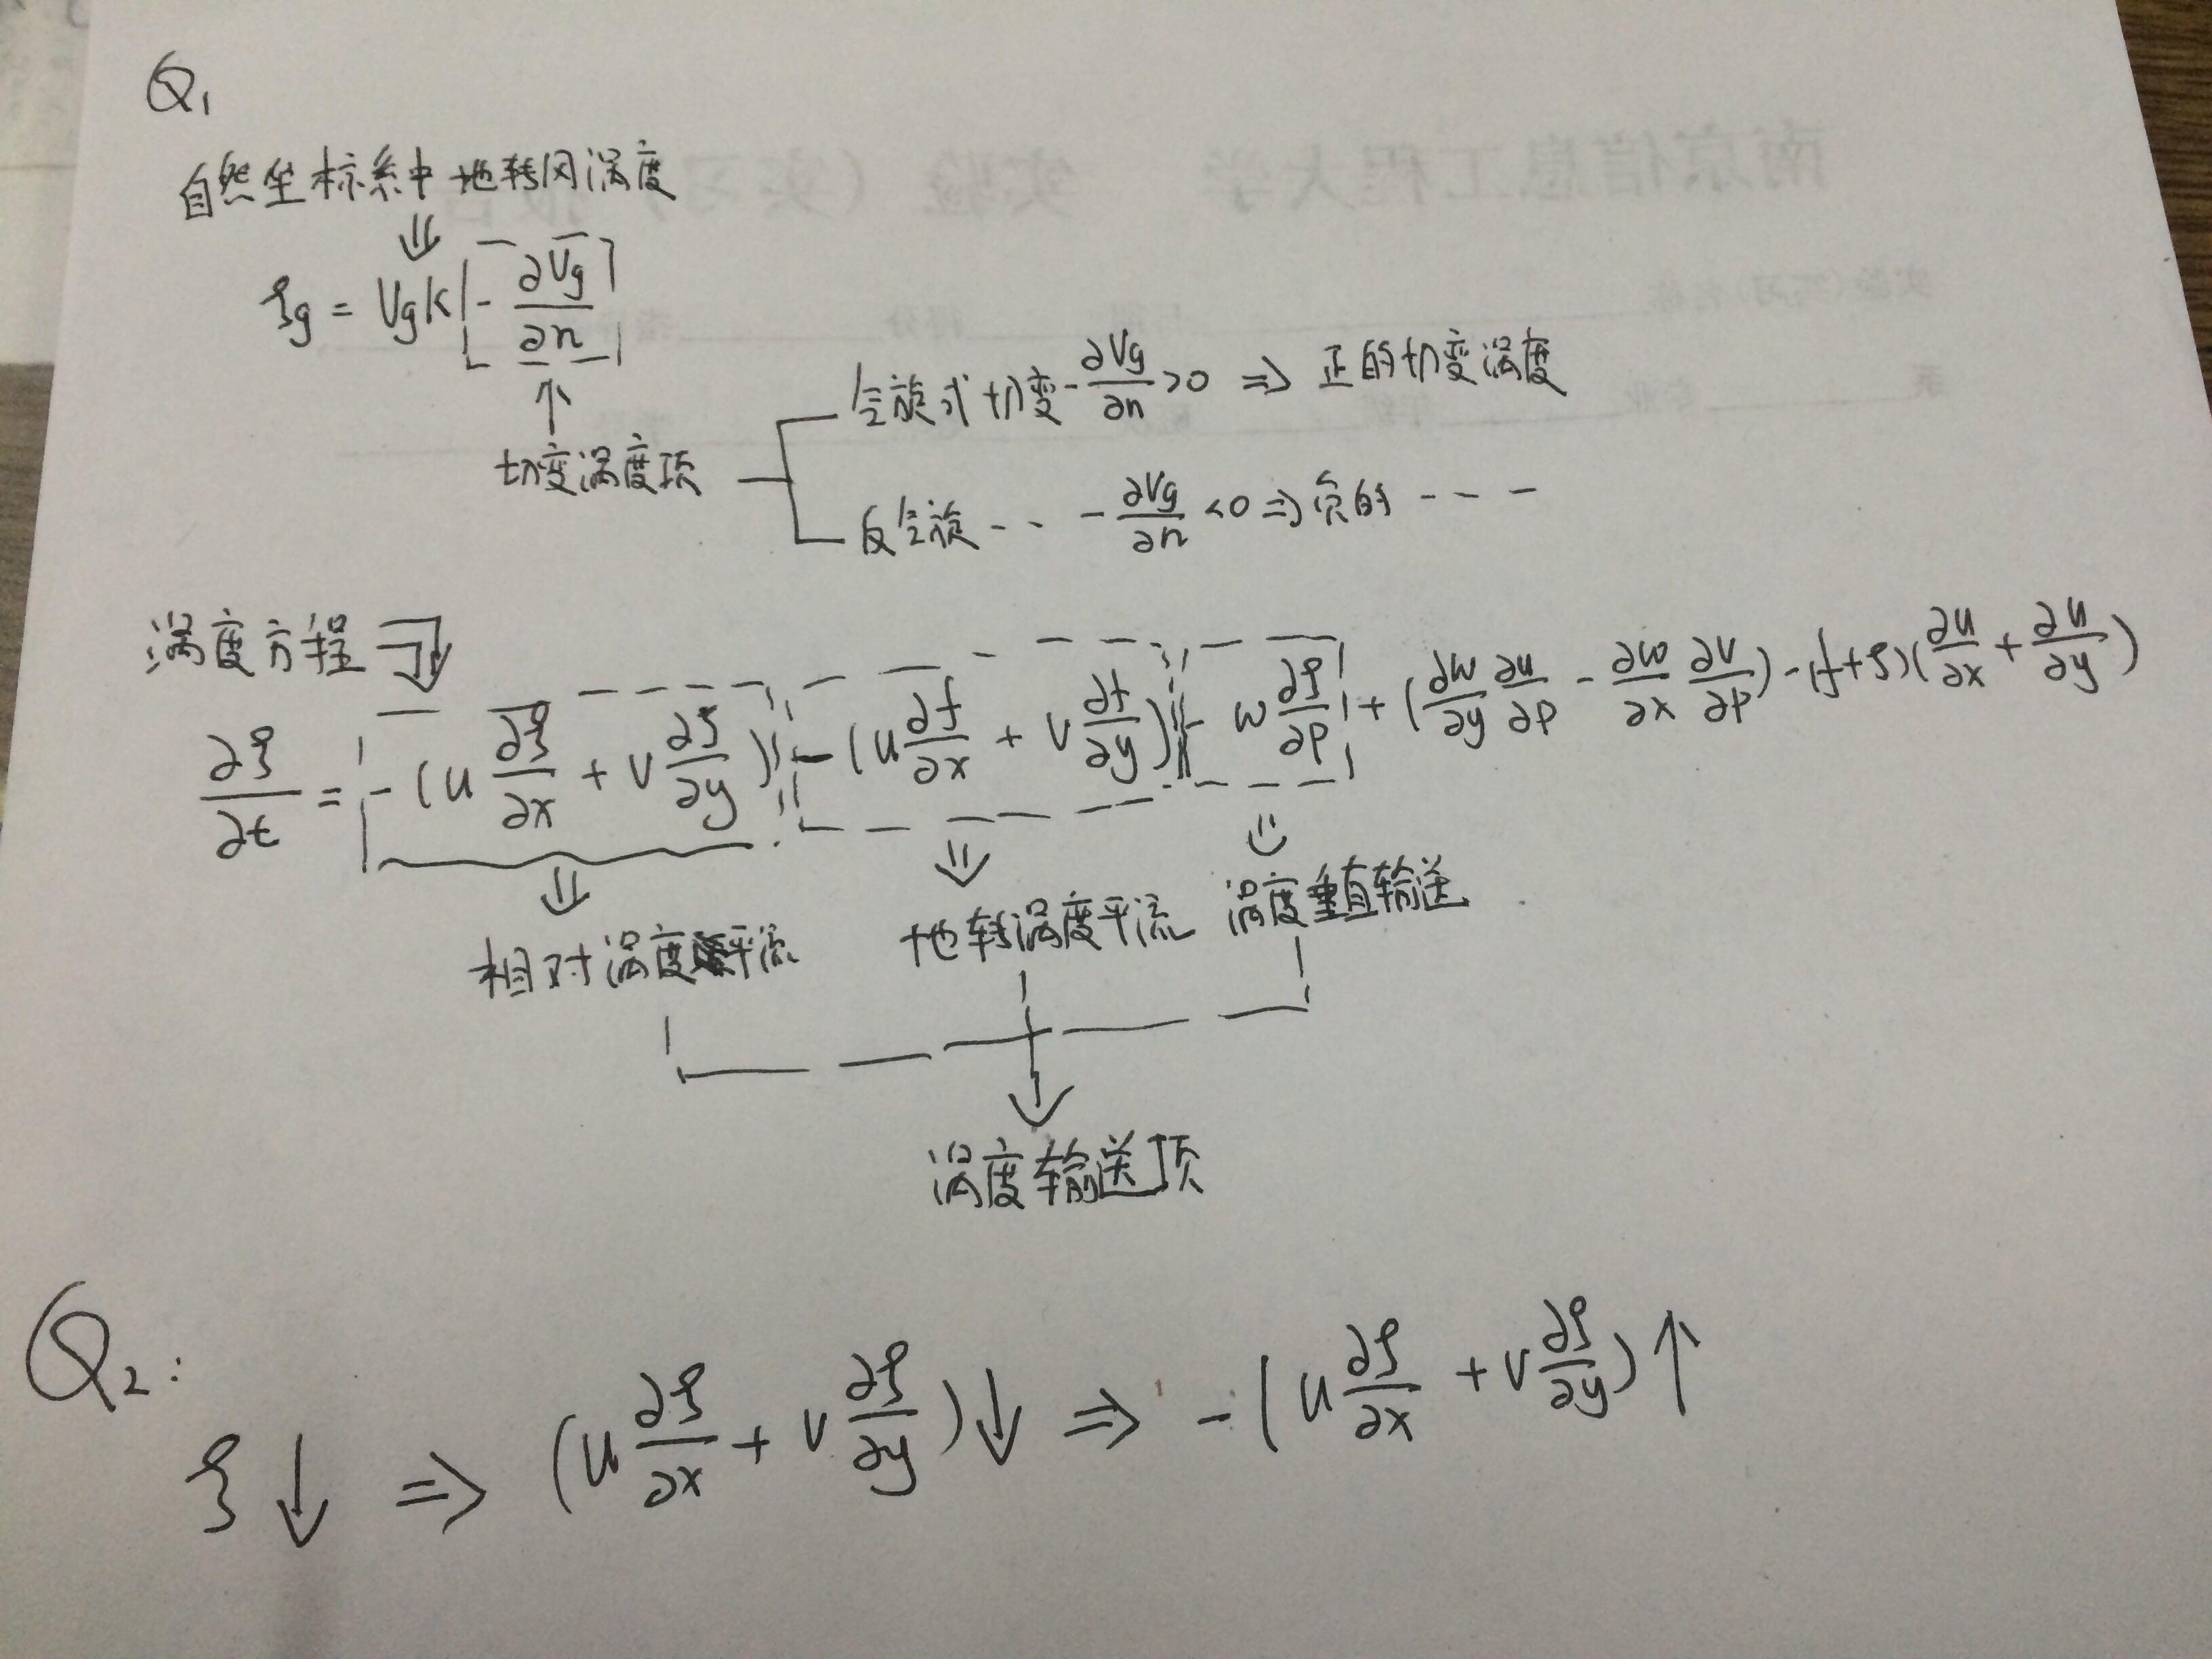 涡度平流_正涡度平流和正涡度切变怎么定义,它们区别和联系是什么?为 ...